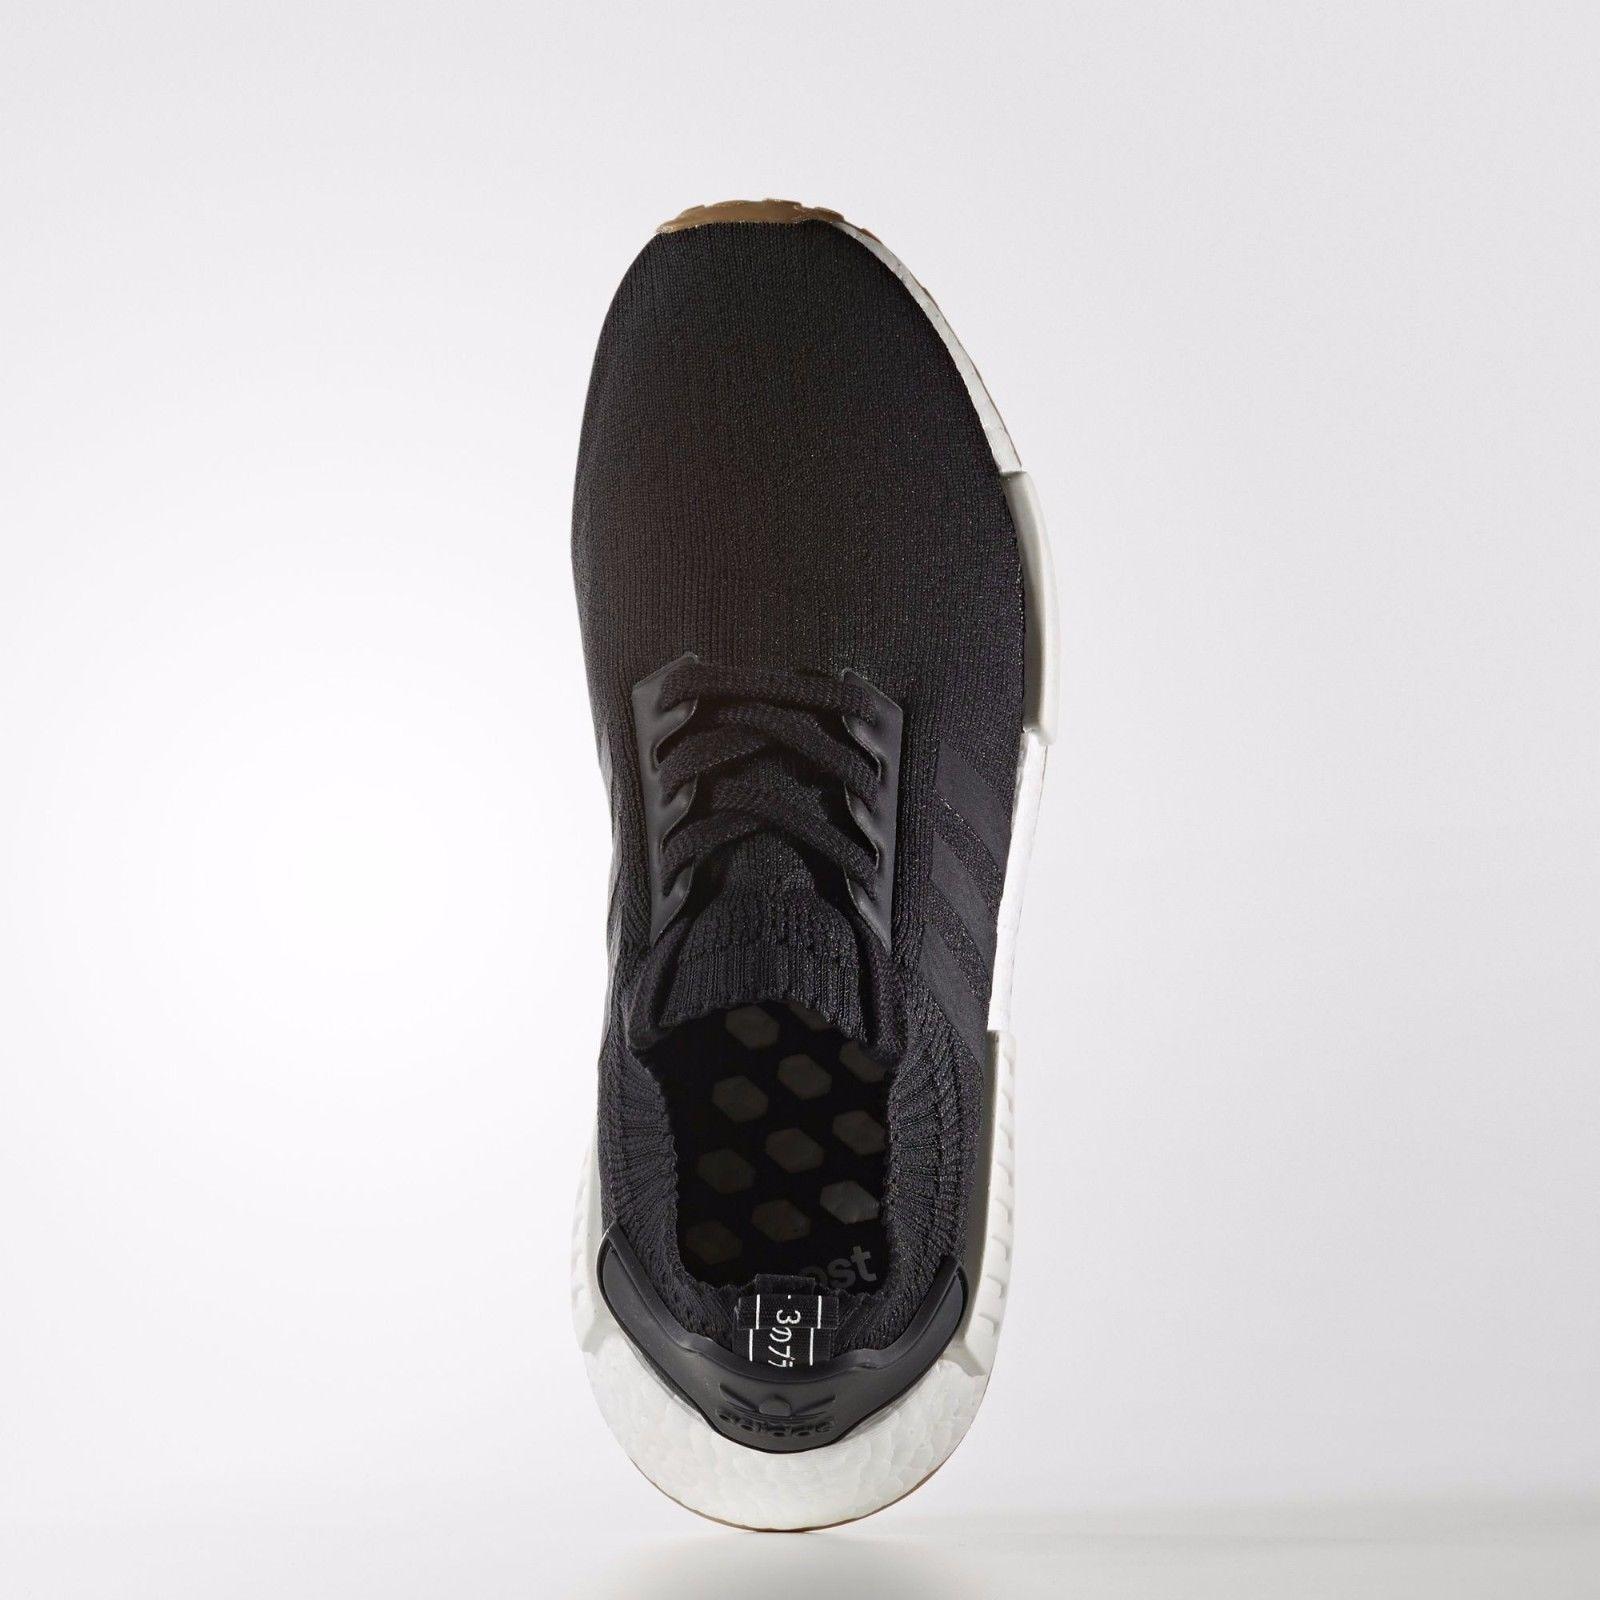 Adidas nmd r1 pk pk pk größe 12,5.kern der schwarzen gummi weiß.by1887.primeknit.ultra - förderung 72c4f0